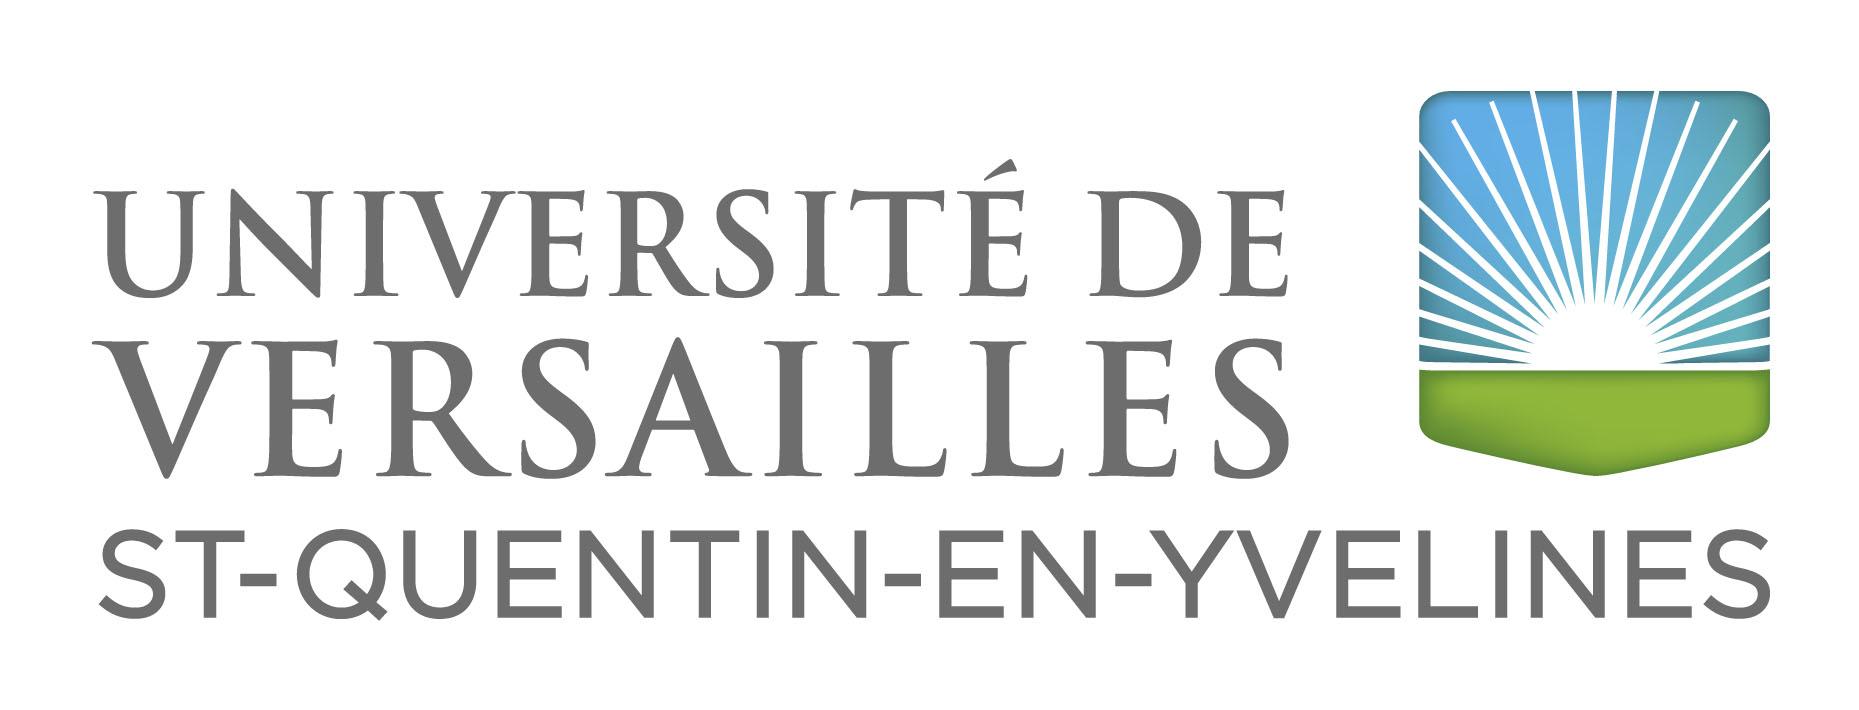 Université de Versailles Saint Quentin en Yvelines, client d'En AcT